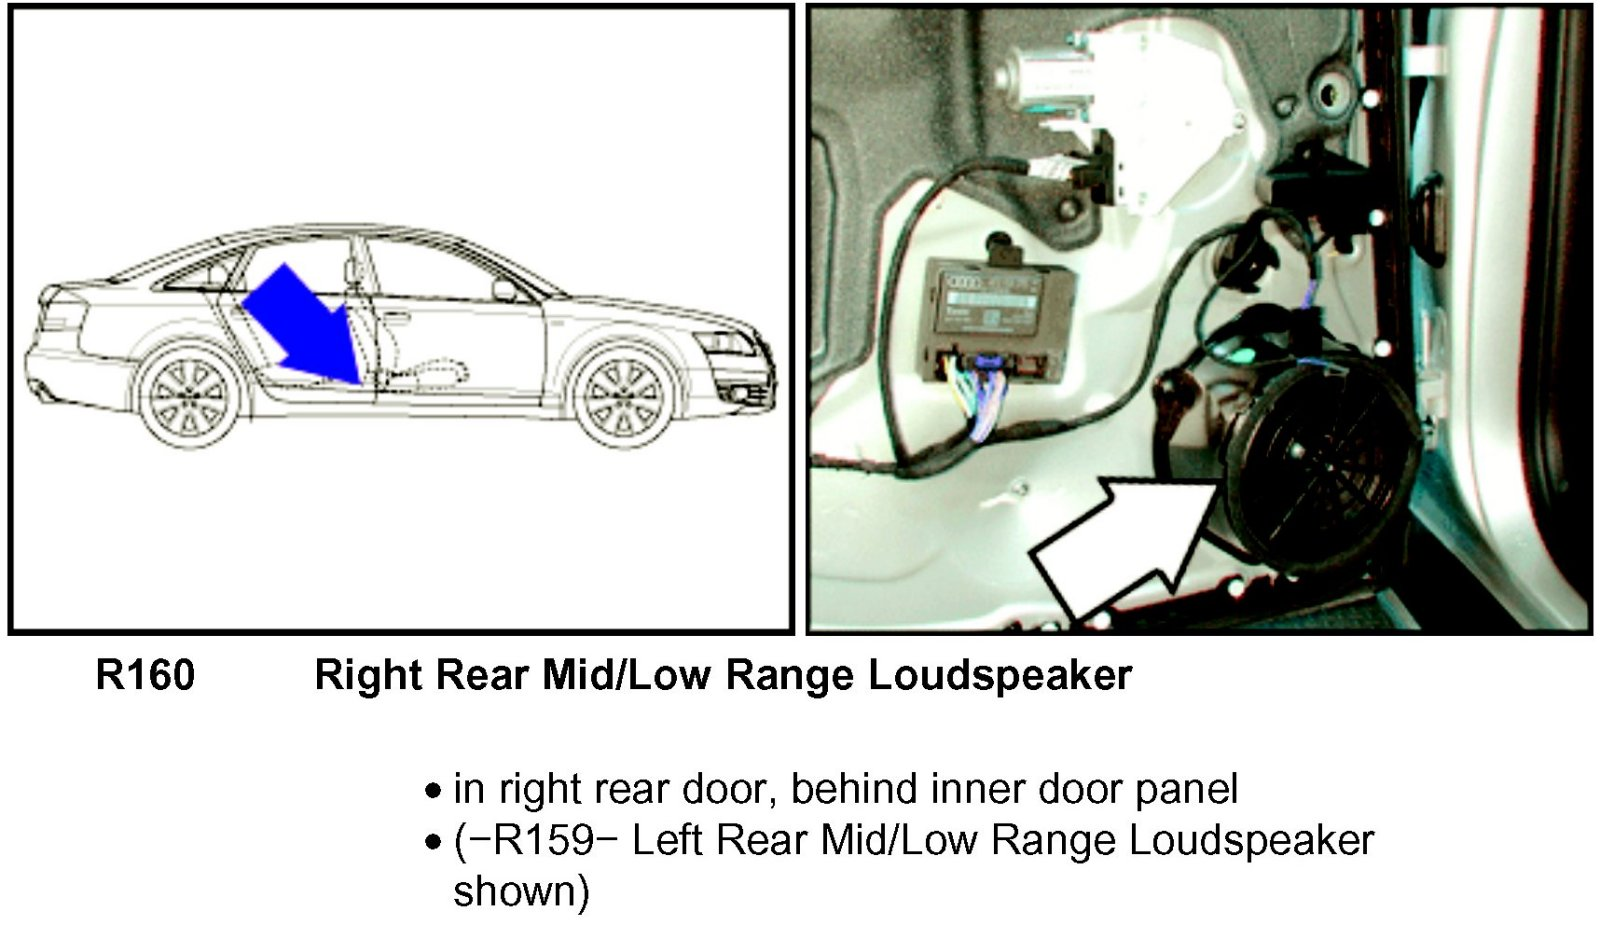 2005 audi a6 wiring diagram - dolgular, Wiring diagram